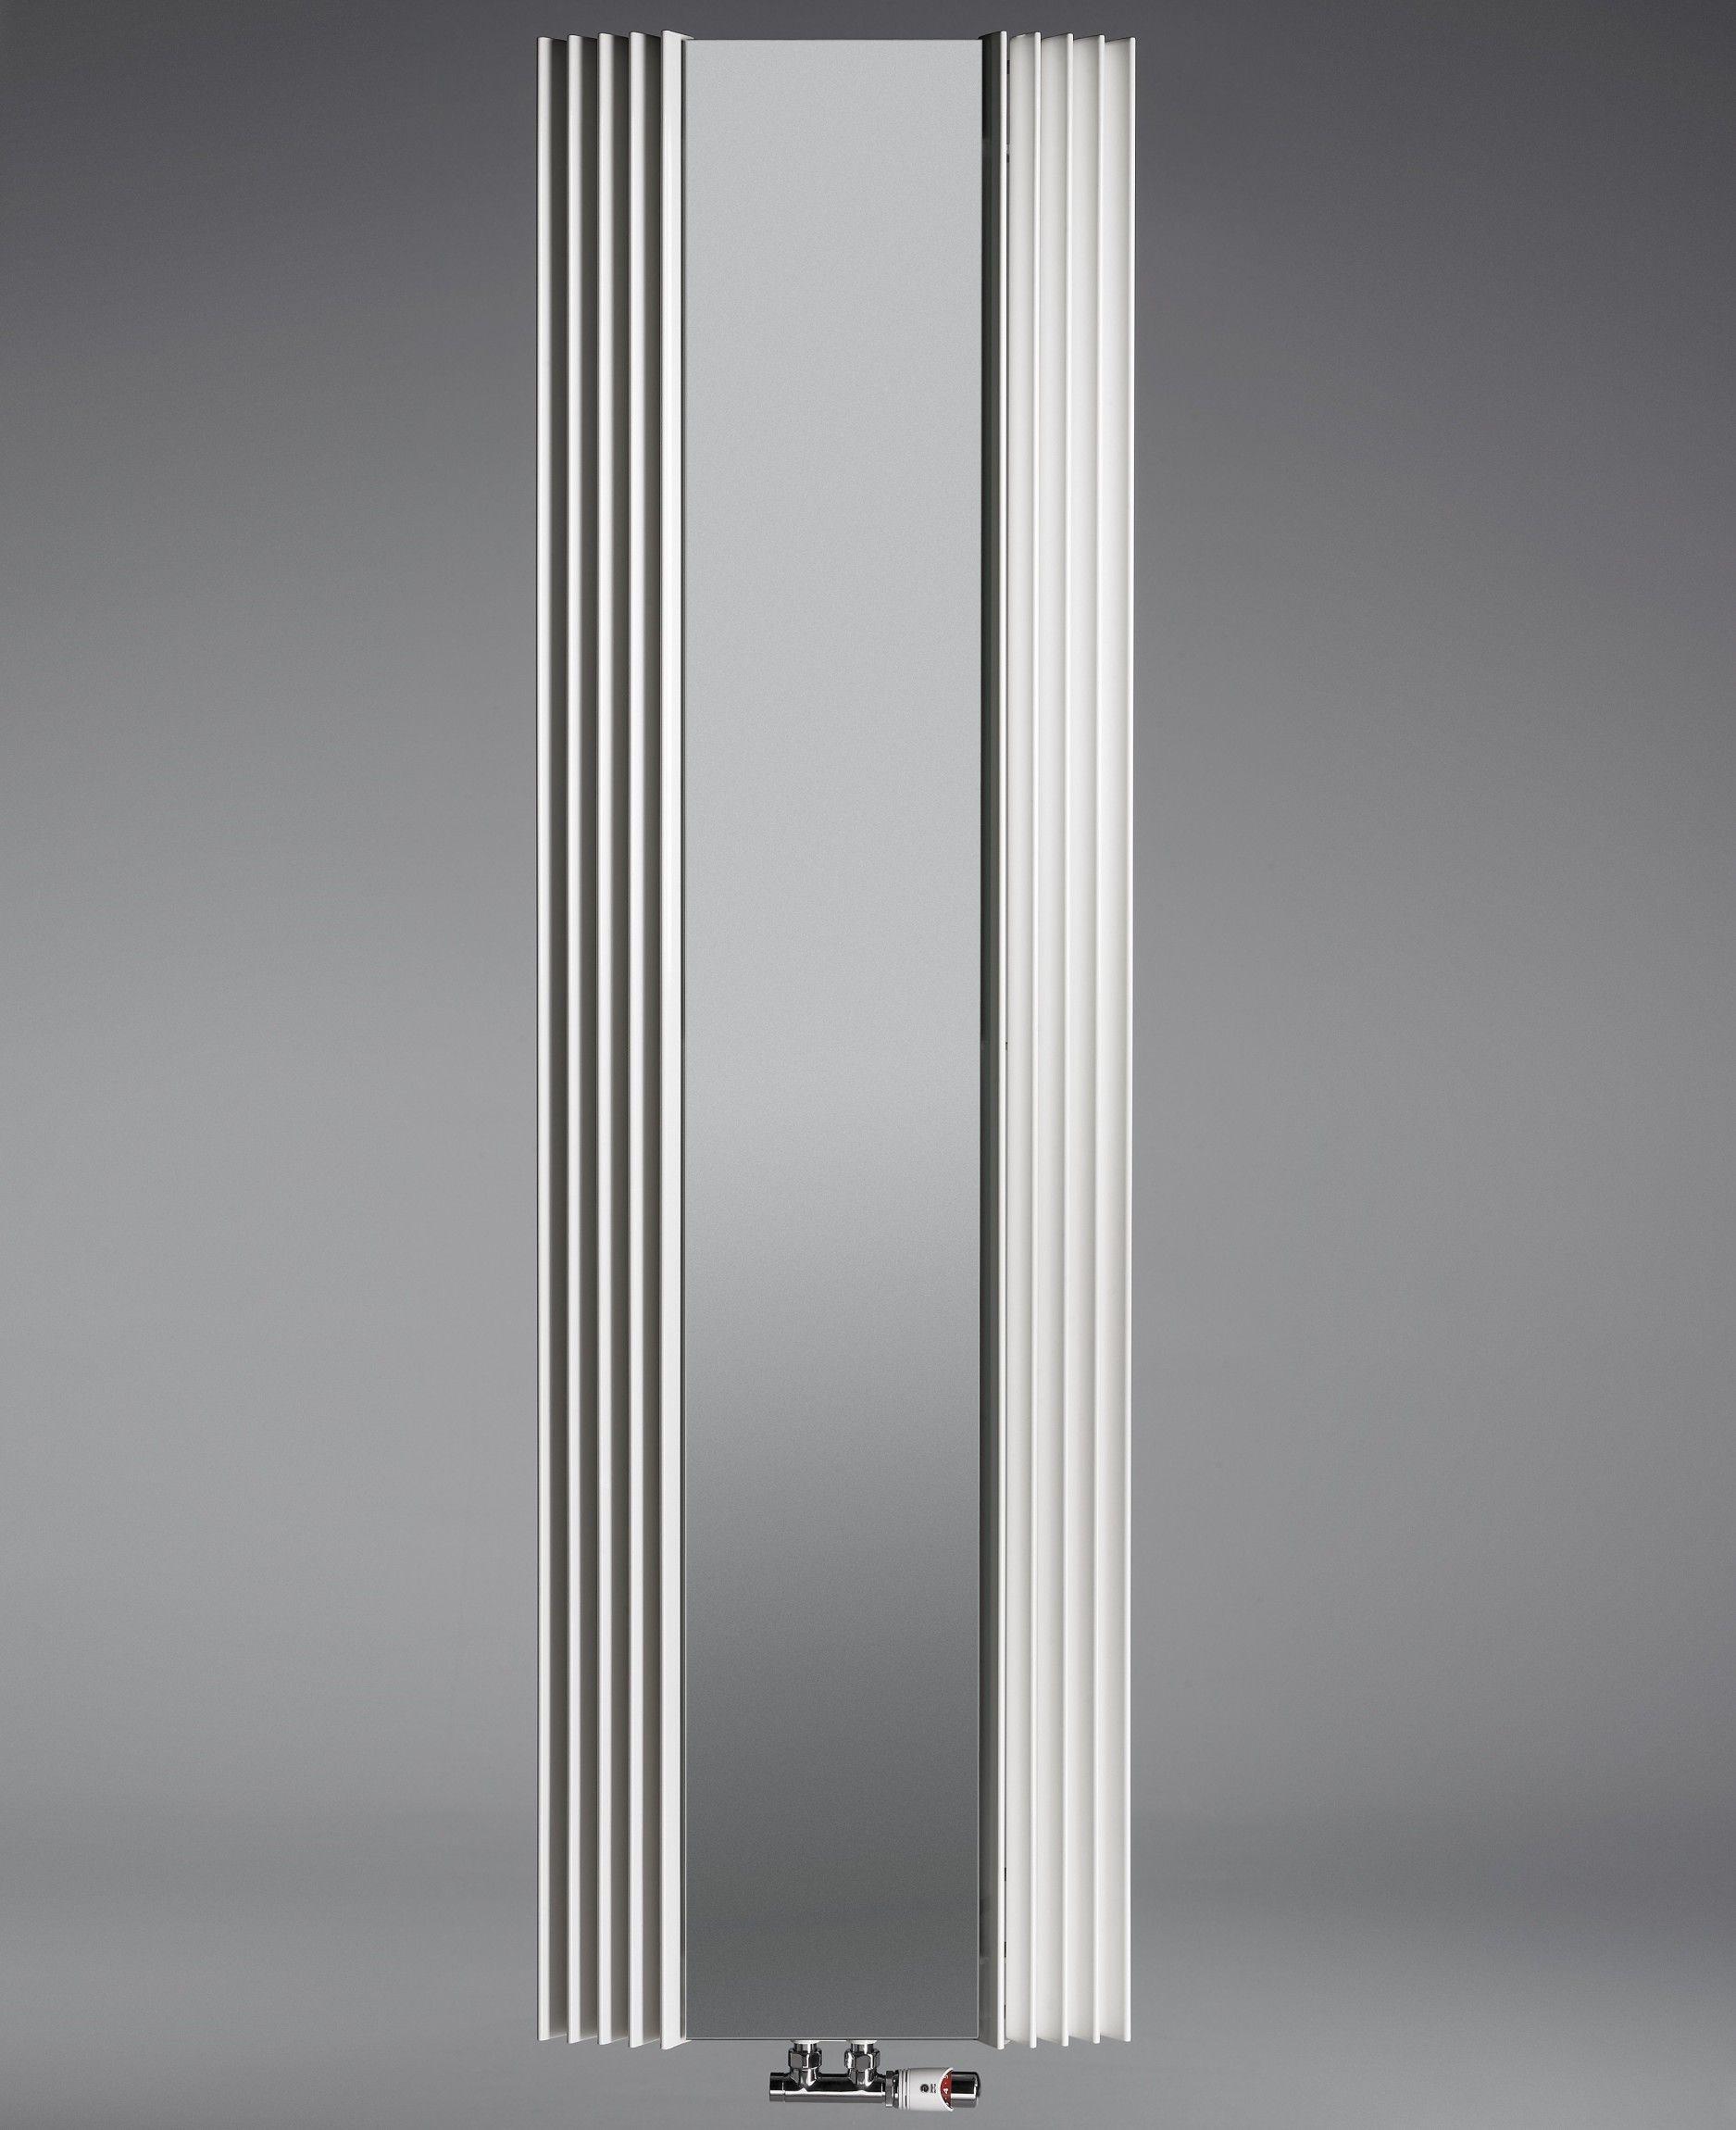 design heizkörper spiegel 200 x ab 51 cm ab 751 w bauhöhe 2000 mm, Hause deko